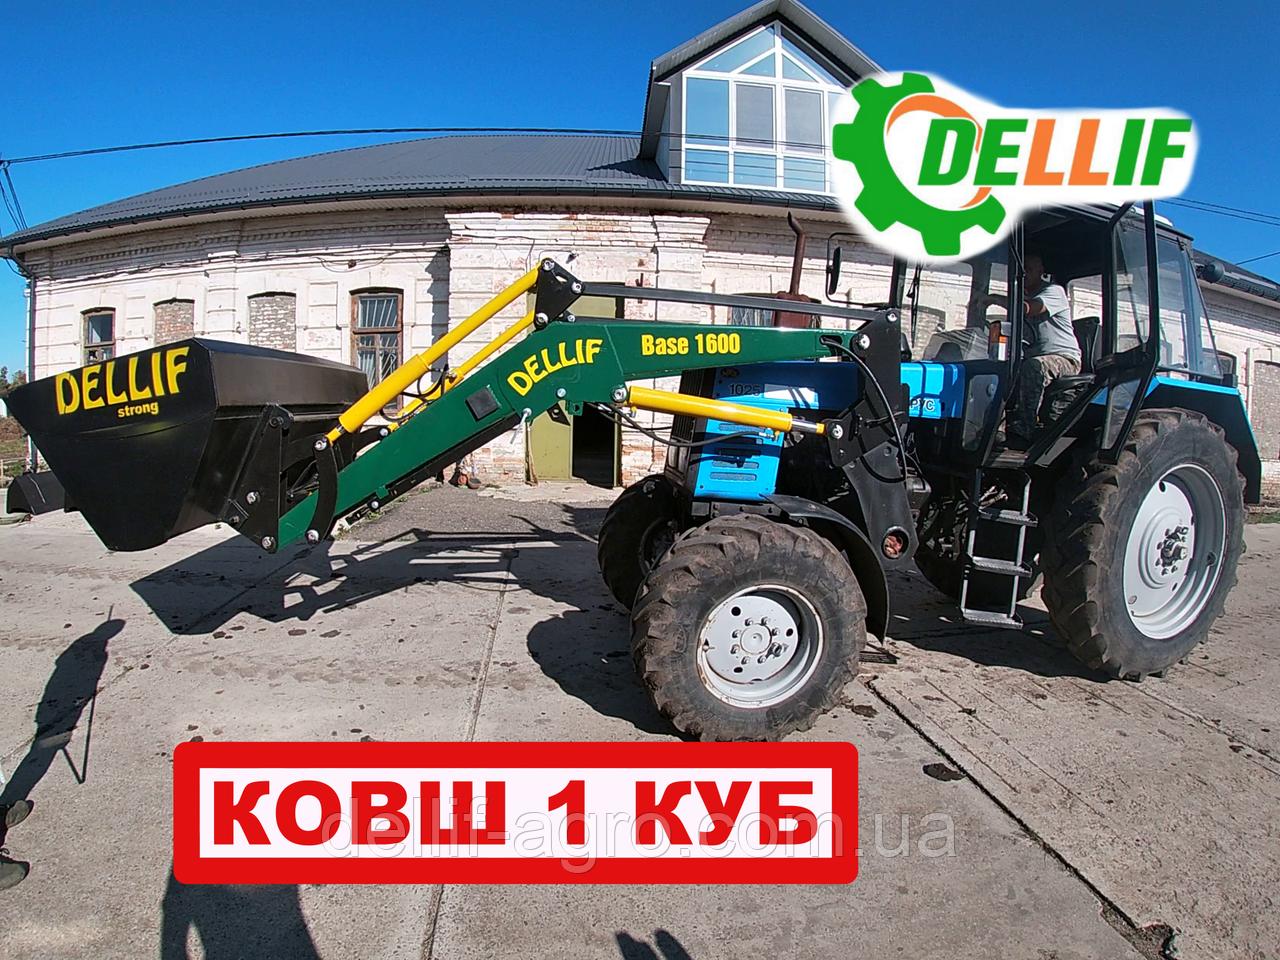 Погрузчик на трактор МТЗ ЮМЗ Т40 Dellif Base 1600 с ковшом 1 куб